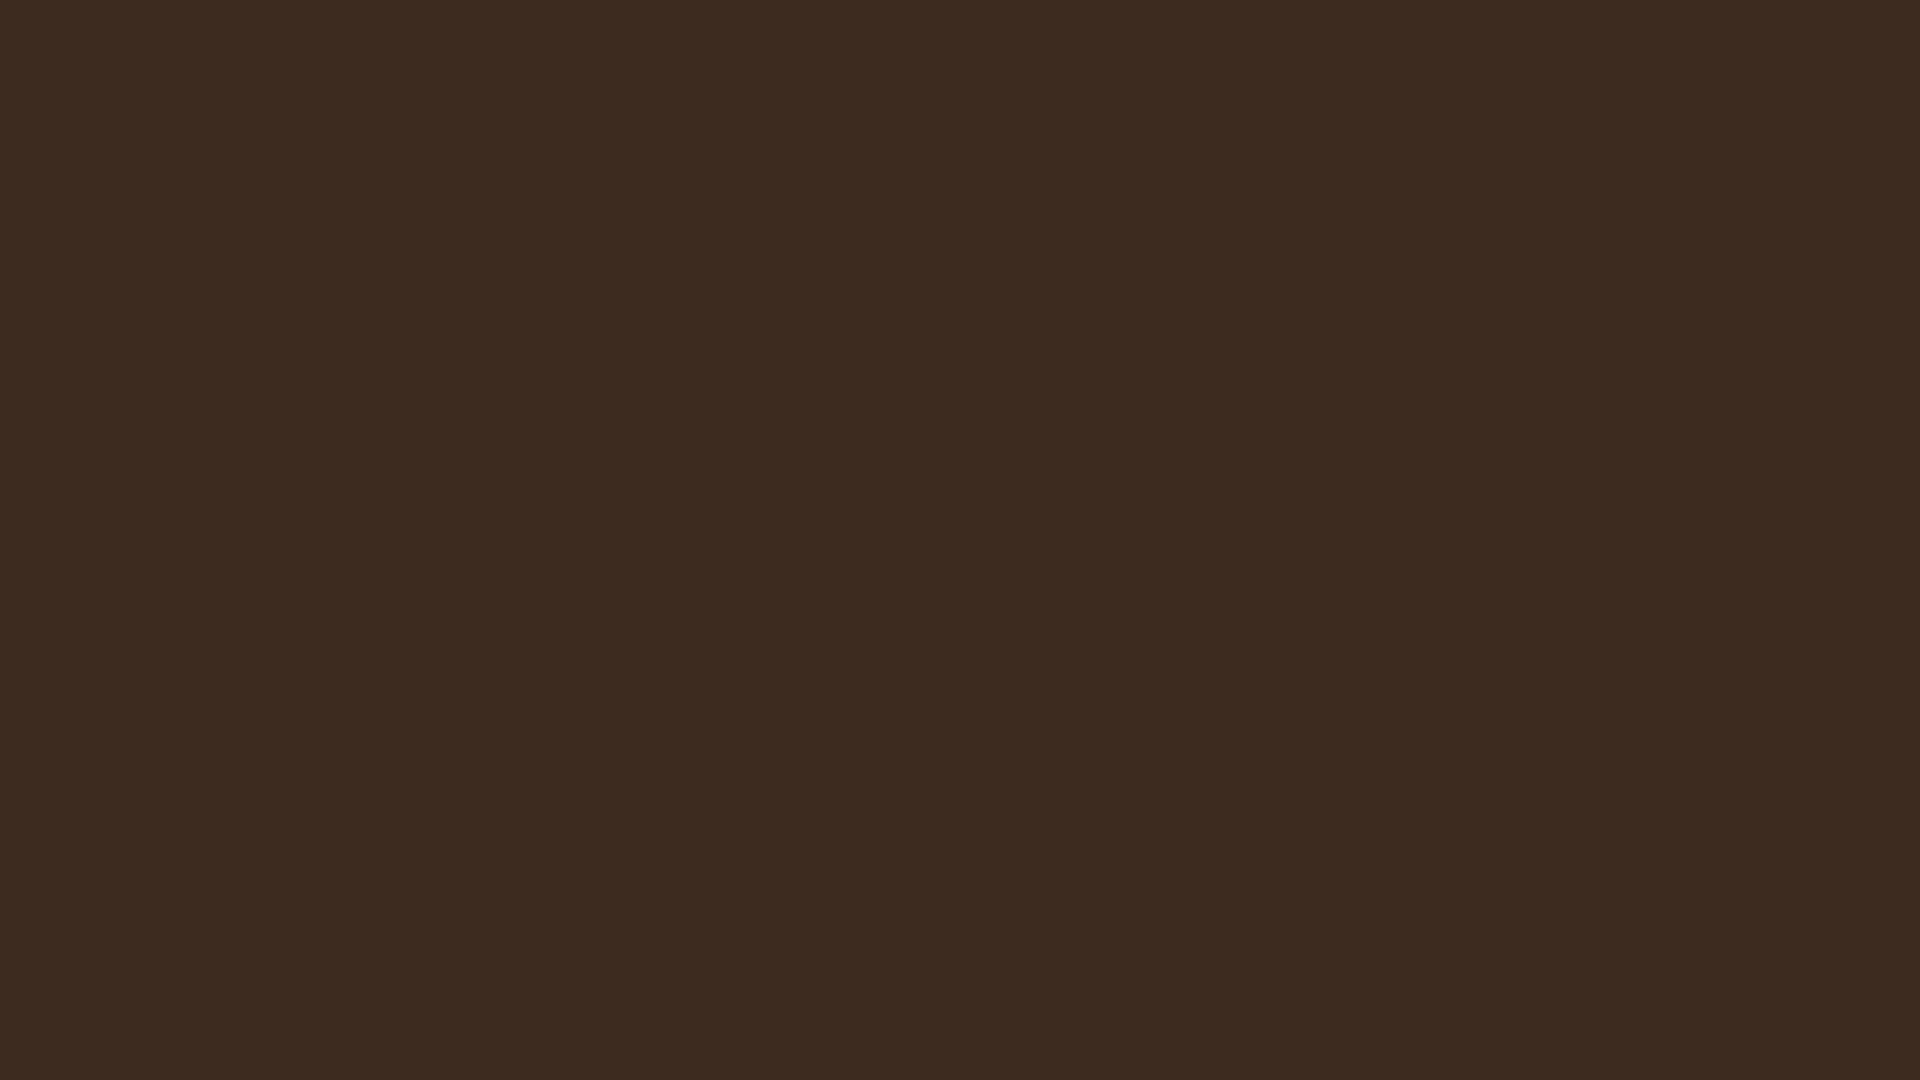 1920x1080 Bistre Solid Color Background